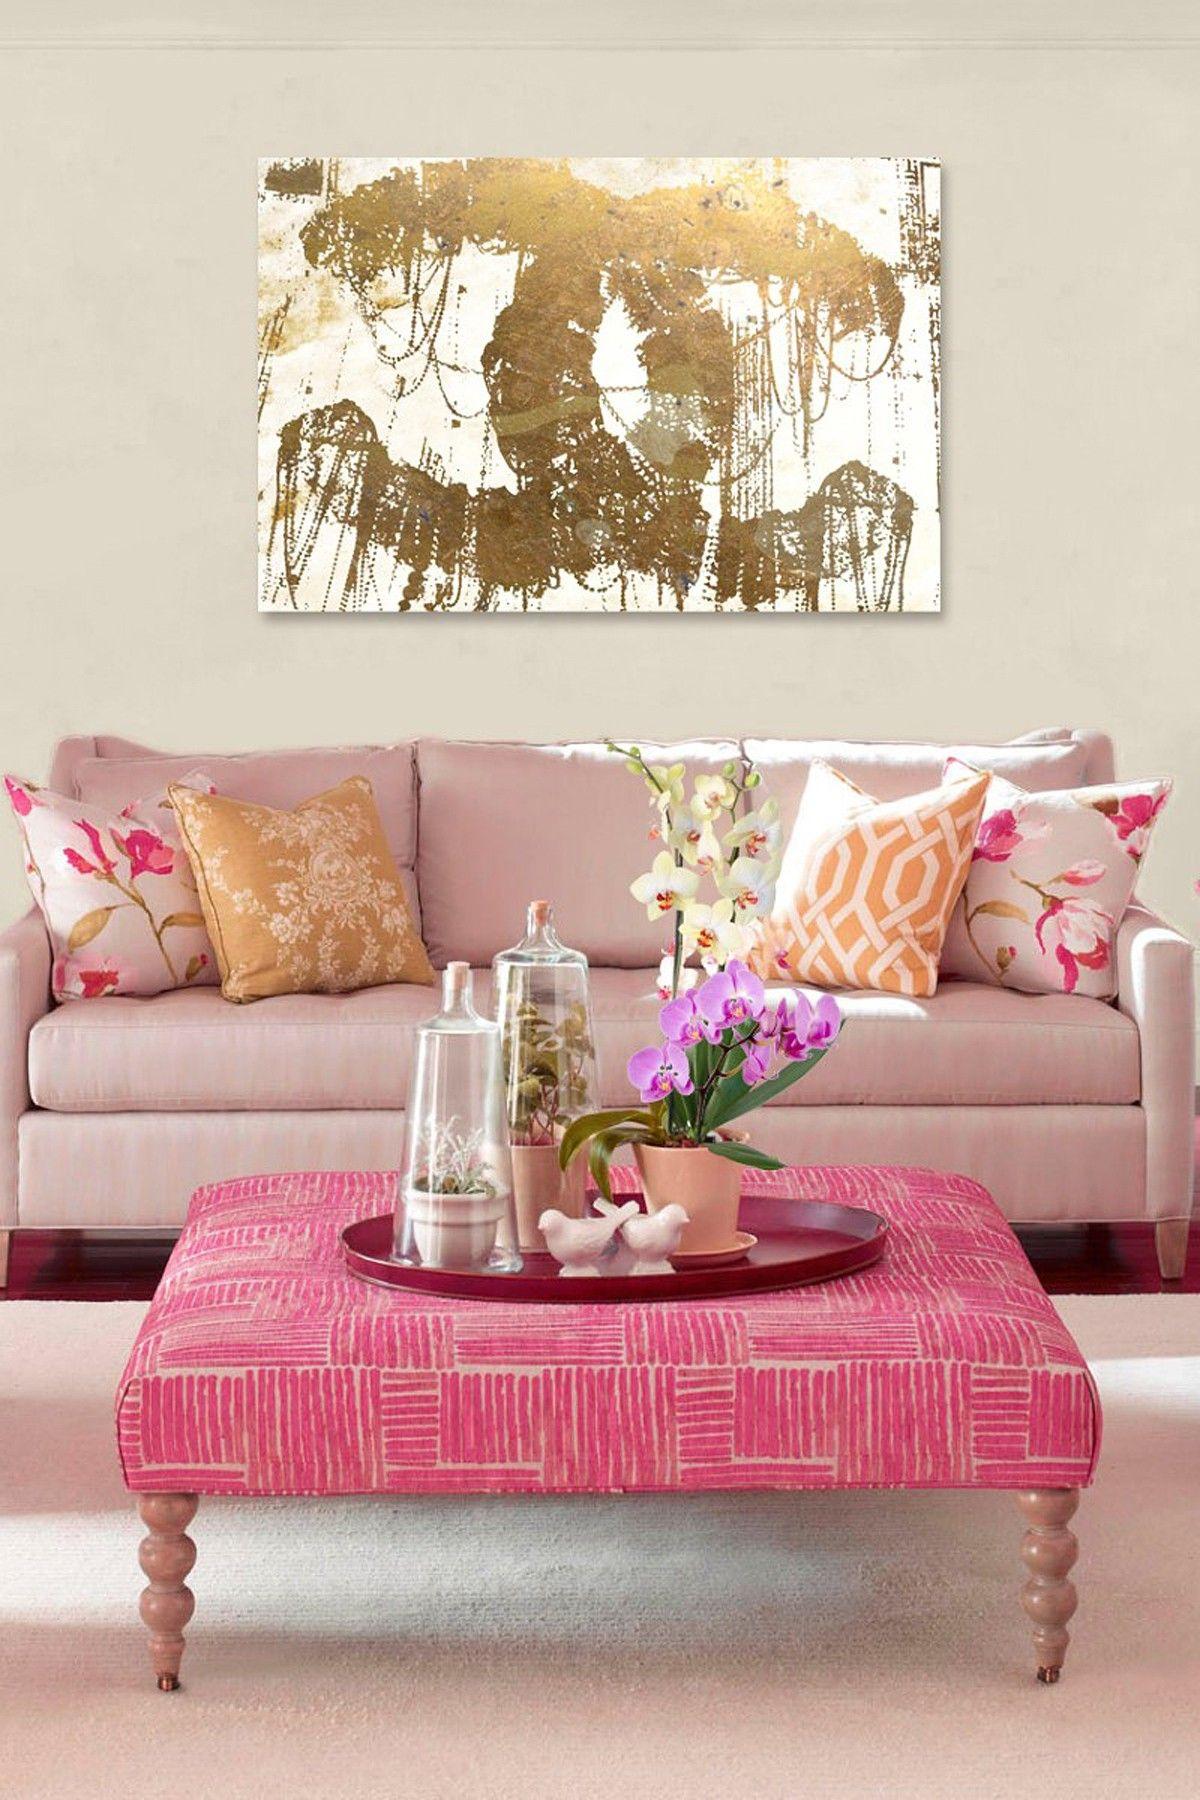 Décoration intérieure / Salon living room / Blanc rose pink doré